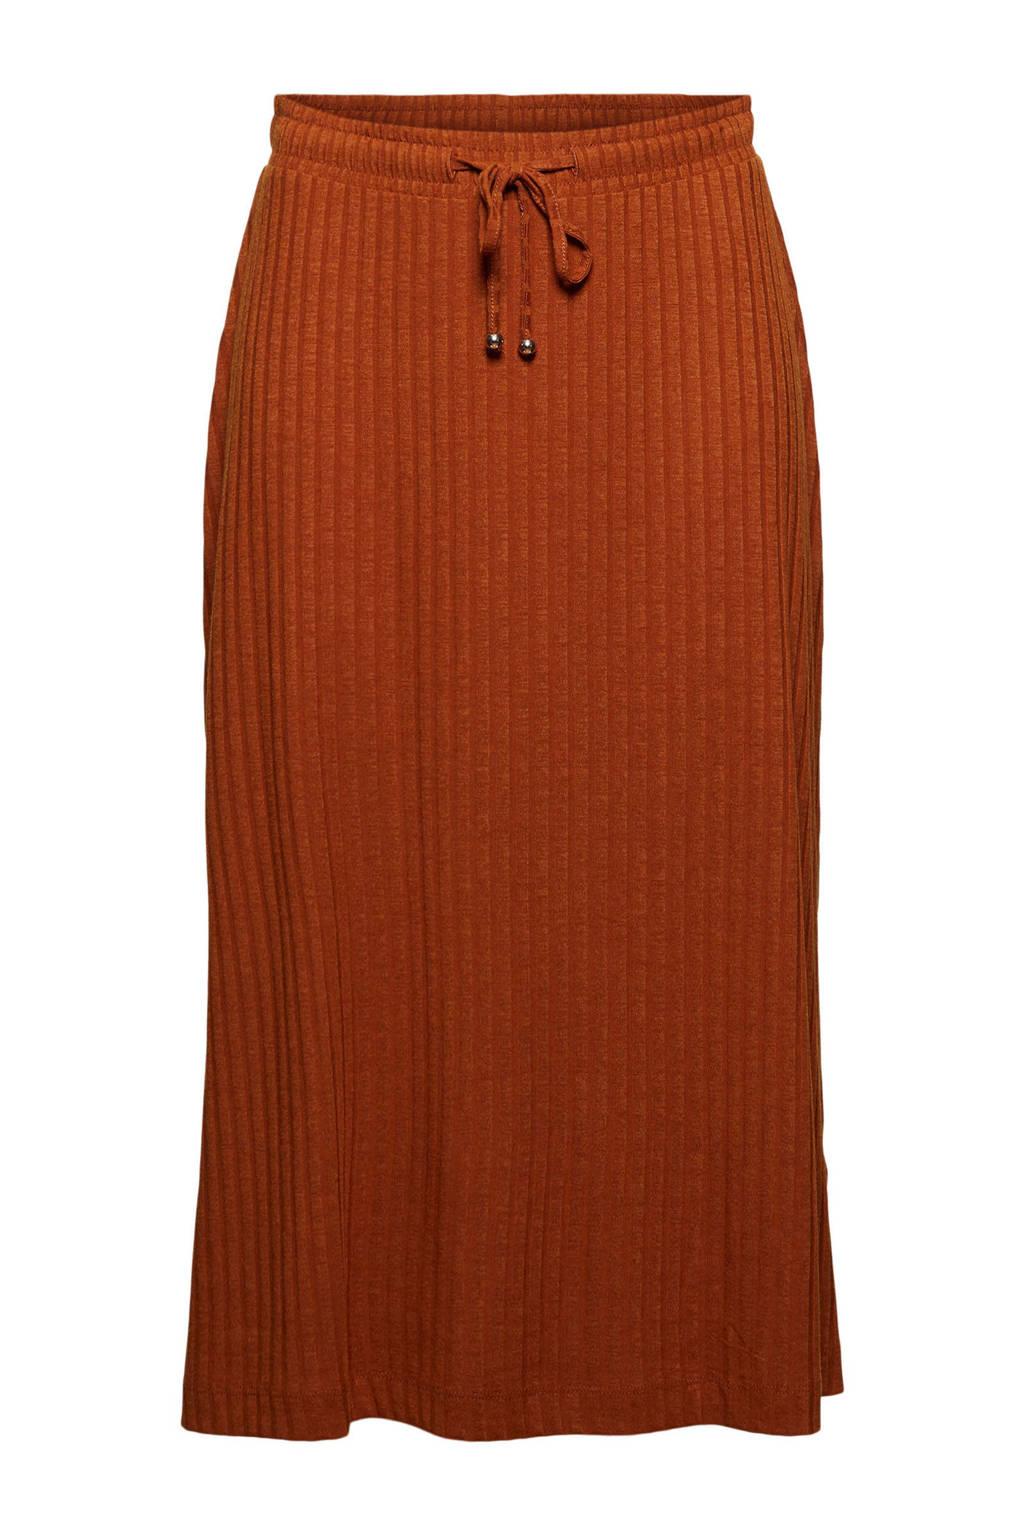 ESPRIT Women Casual fijngebreide rok van gerecycled polyester terra, Terra